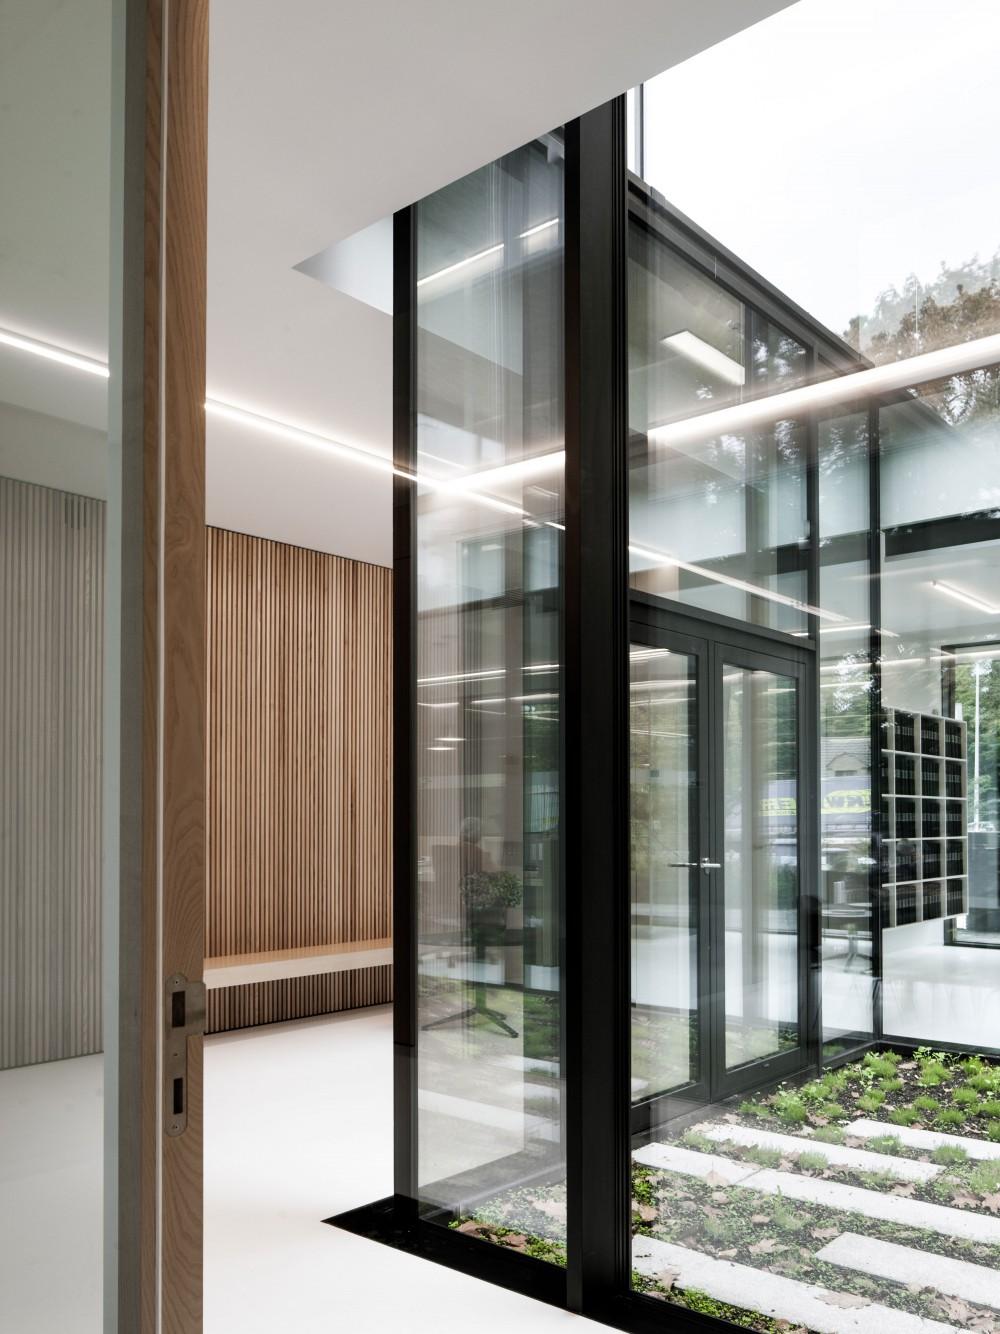 Abscis Architecten - wachtzone langs de patio - foto Jeroen Verrecht